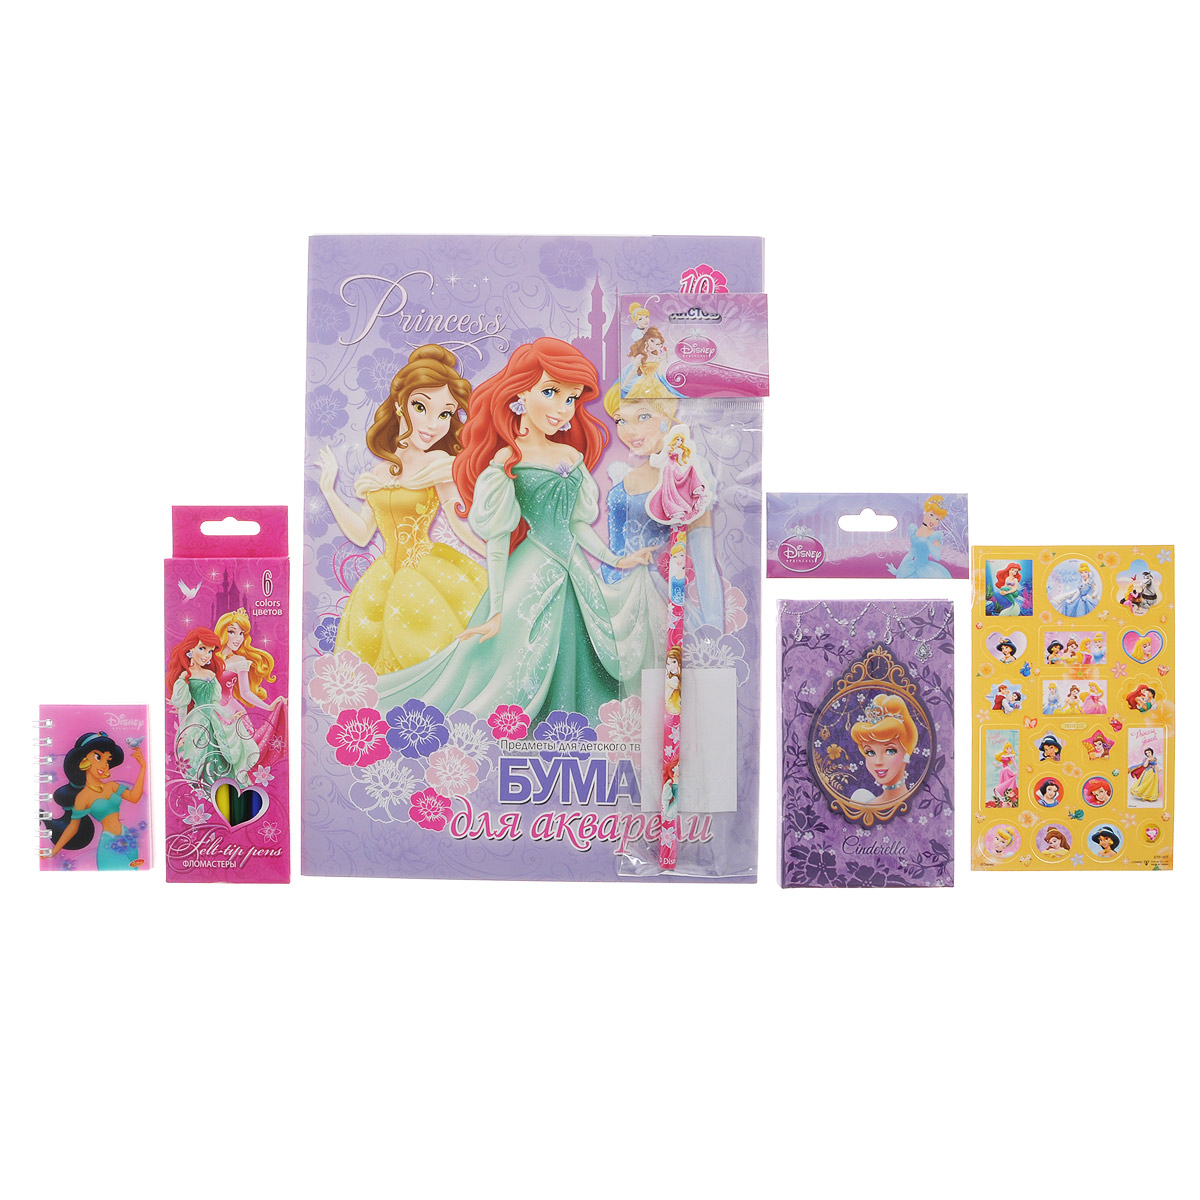 Канцелярский набор Disney Princess. PRСZ-US1-AZ15-PVCPRСZ-US1-AZ15-PVCКанцелярский набор Disney Princess станет незаменимым атрибутом в учебе любой школьницы.Он включает в себя 10 листов бумаги для акварели, чернографитный карандаш с ластиком, 6 фломастеров, телефонную книжку, лист с объемными стикерами и небольшой блокнотик на спирали.Все предметы набора оформлены изображениями диснеевских принцесс.УВАЖАЕМЫЕ КЛИЕНТЫ! Обращаем ваше внимание на возможные изменения в дизайне предметов набора, связанные с ассортиментом продукции. Поставка осуществляется в зависимости от наличия на складе.